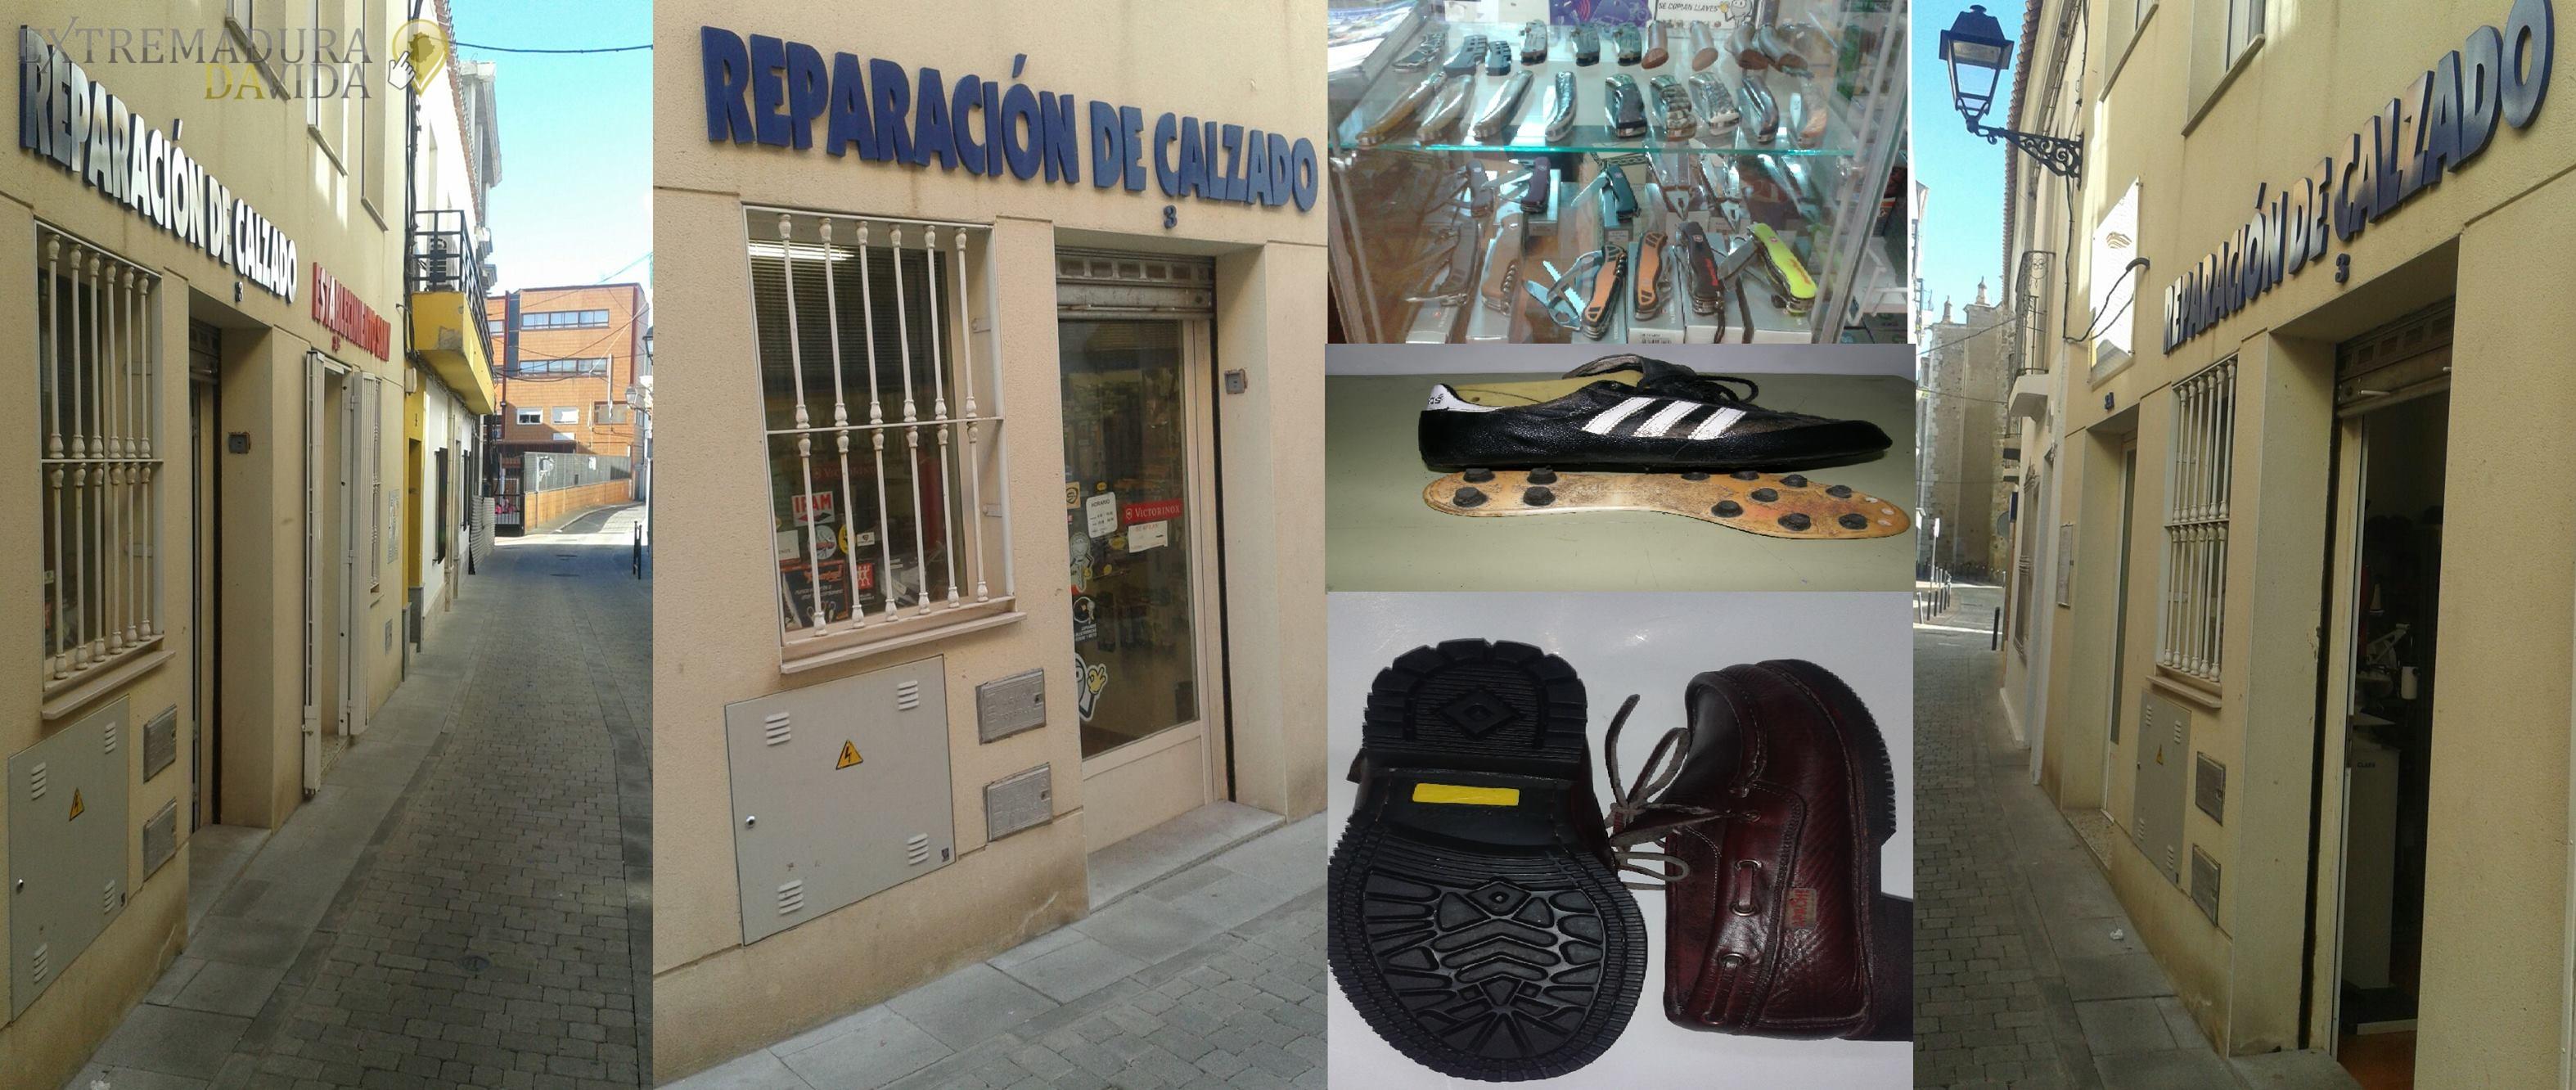 Reparación de calzado en Almendralejo Victor Sanabria